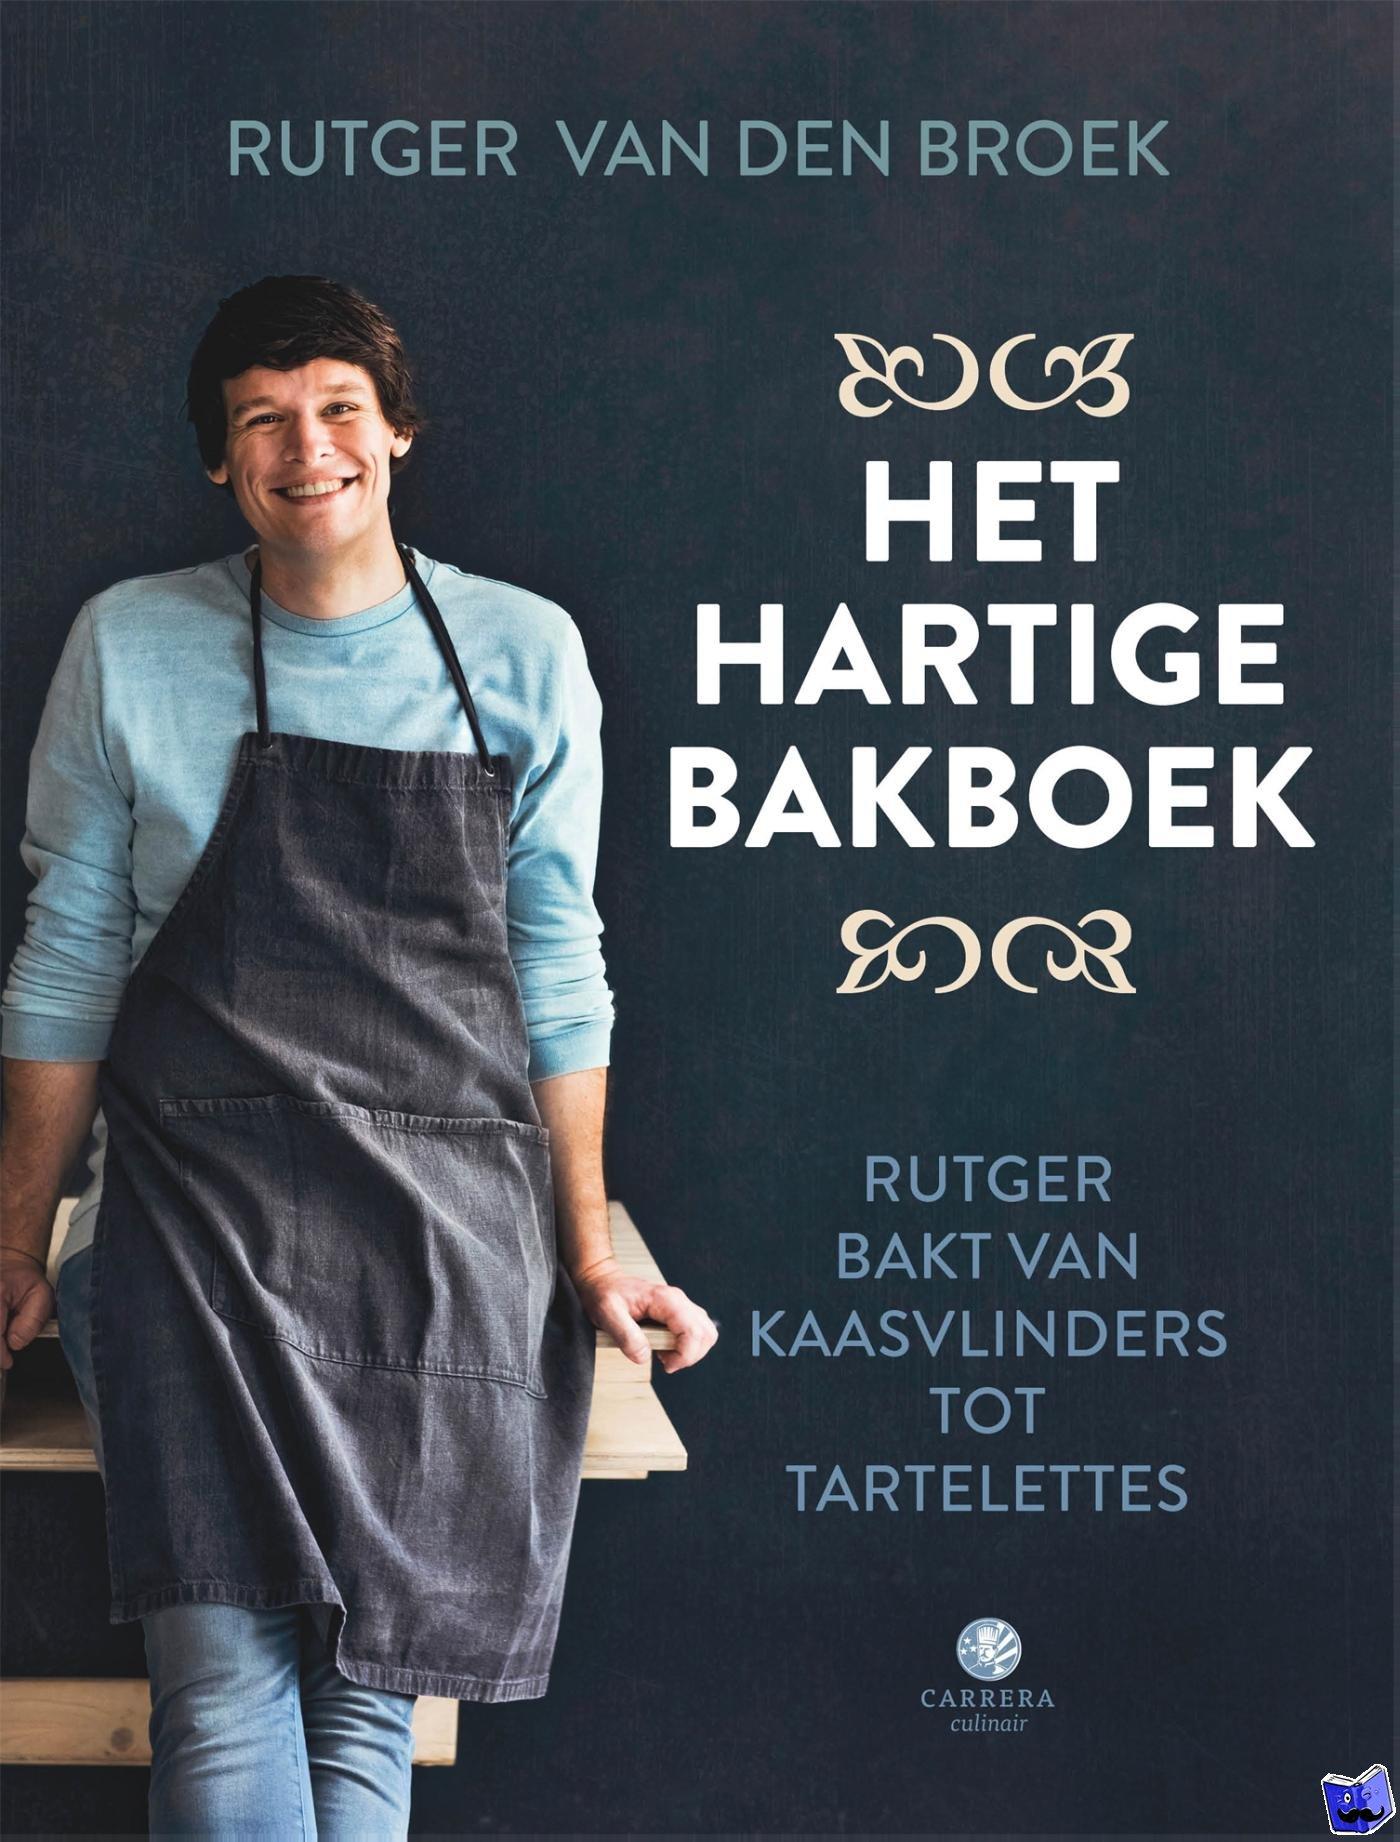 Broek, Rutger van den - Het hartige bakboek